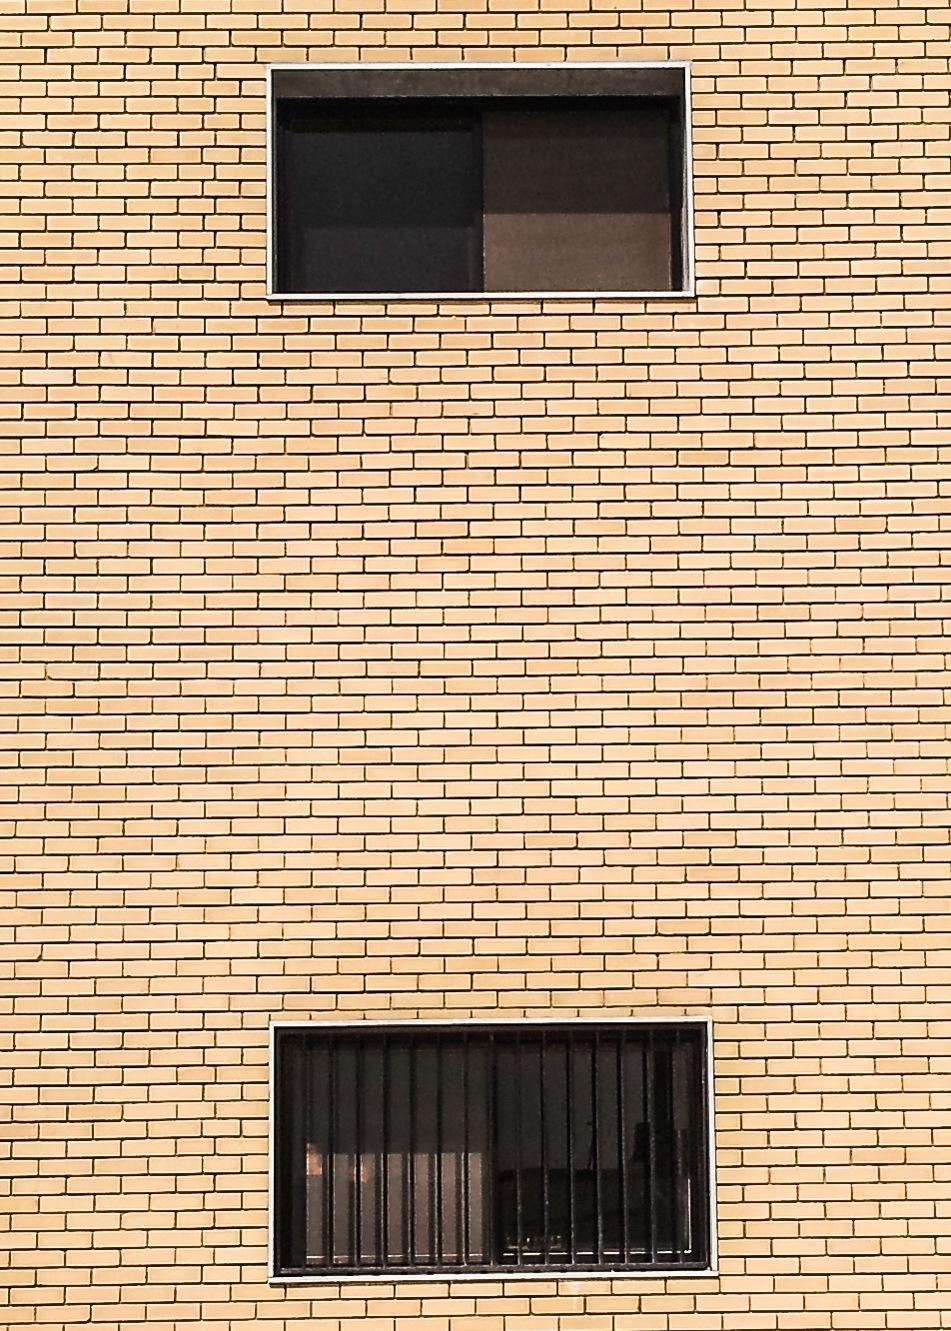 Brick Pattern by Gino Rapheal